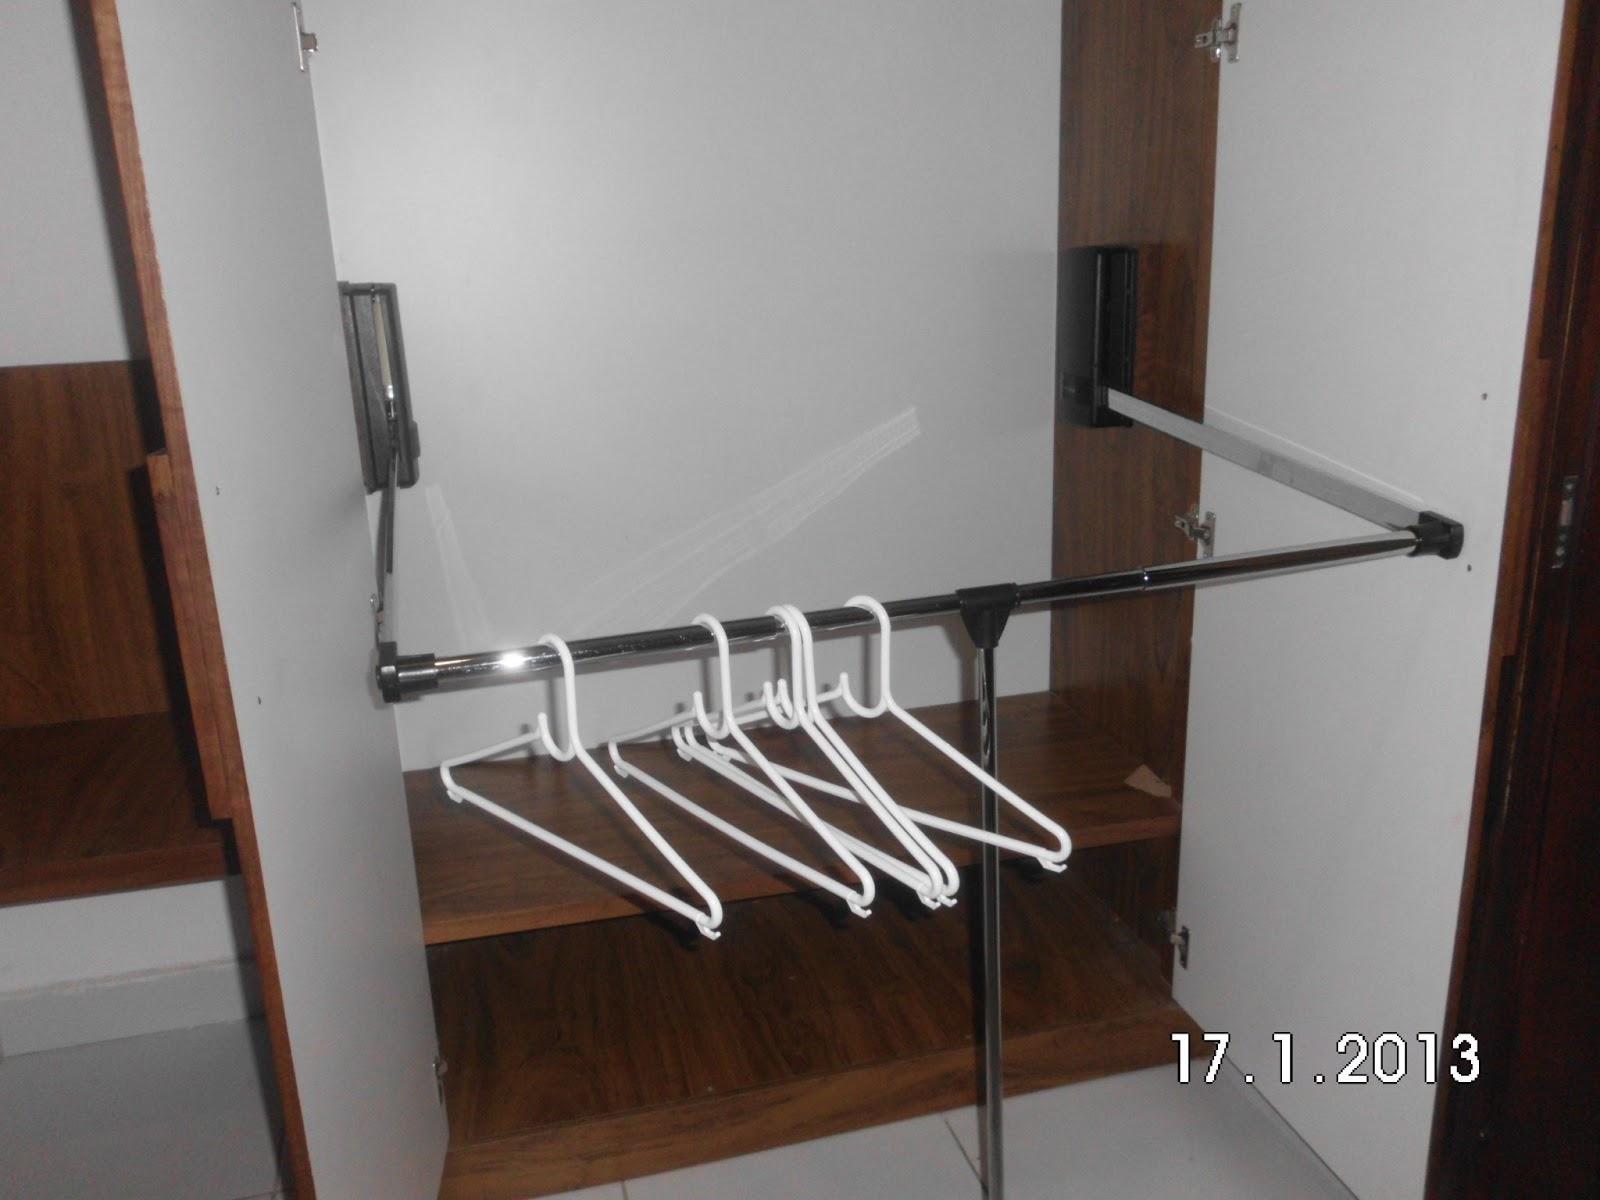 Blog do Cadeirante: Natal para cadeirantes #604032 1600x1200 Banco Banheiro Cadeirante